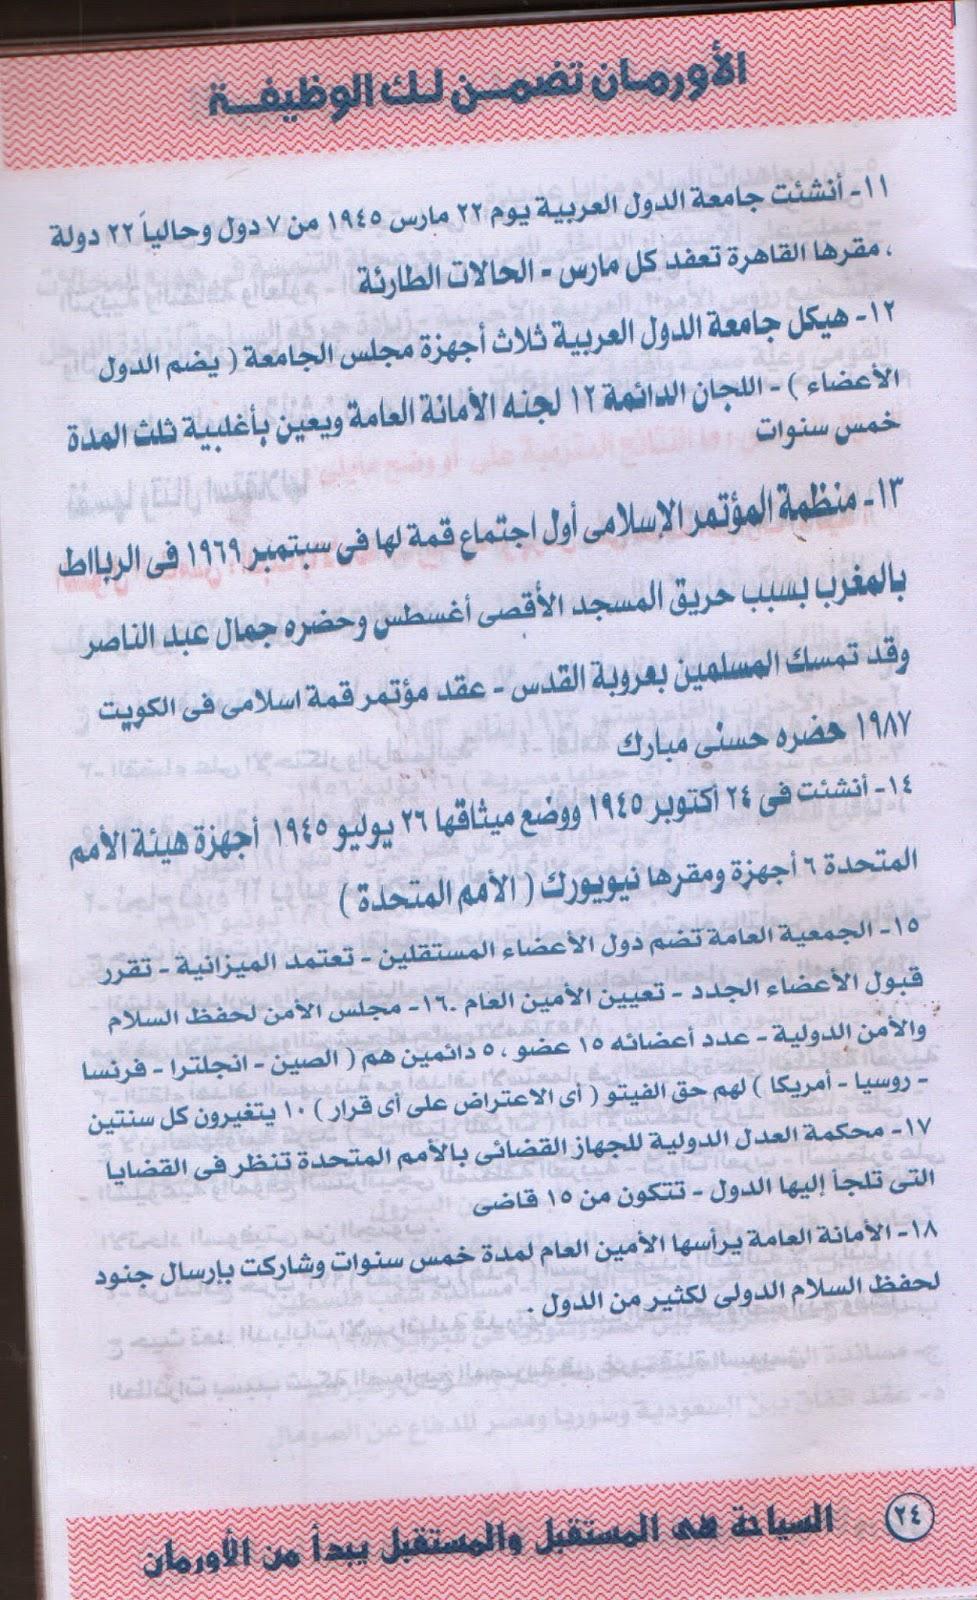 مراجعة دراسات ترم 2 الثالث الإعدادى 8.jpg